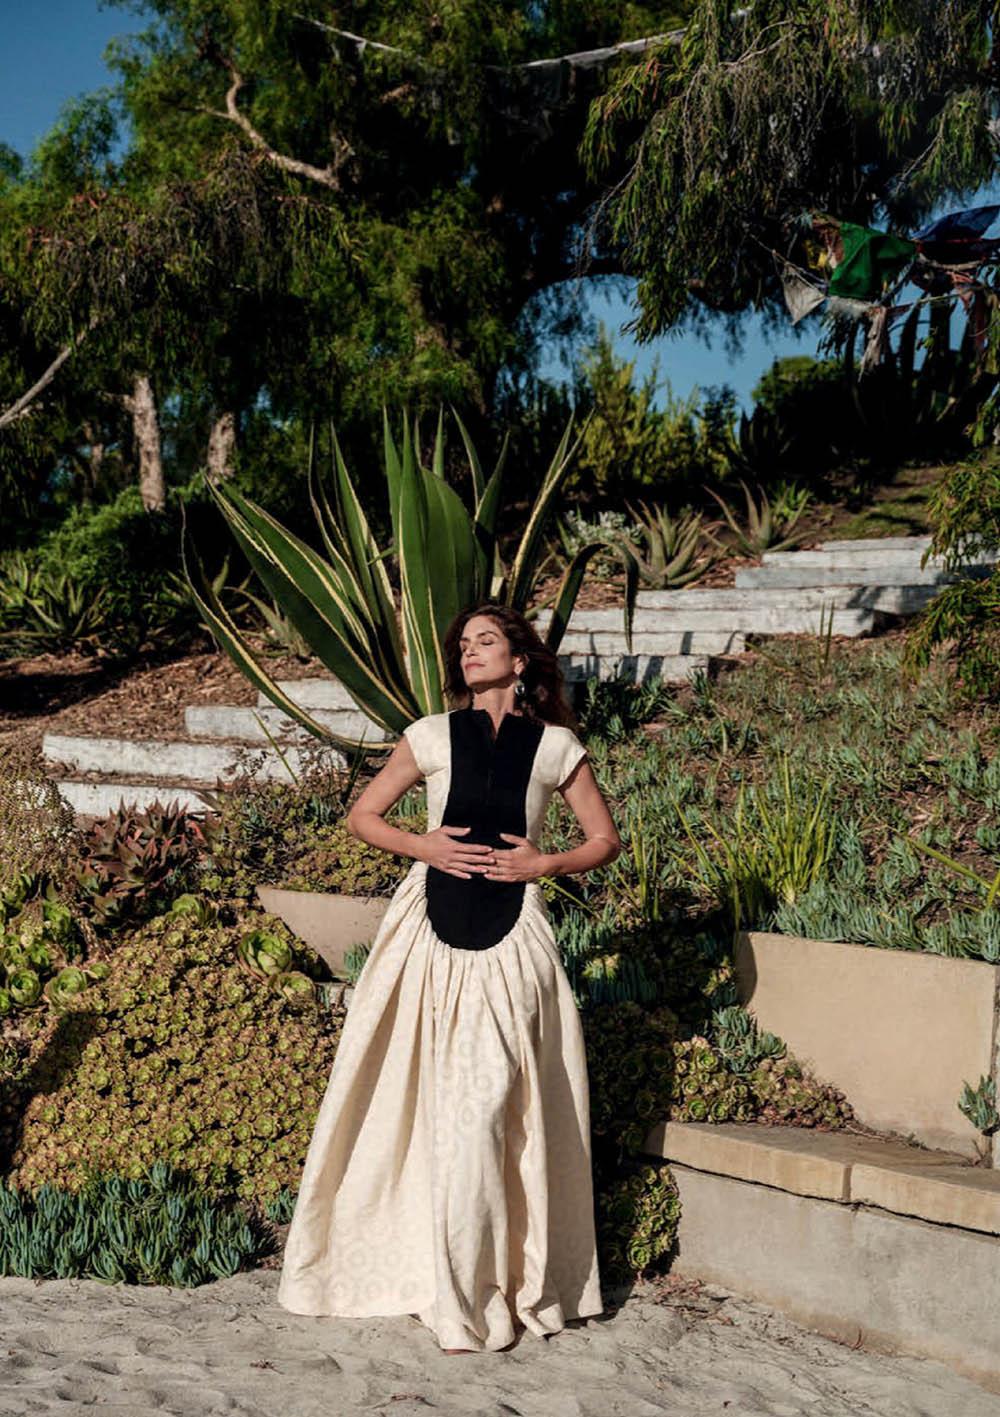 Cindy Crawford covers Vanity Fair Spain September 2020 by Juankr